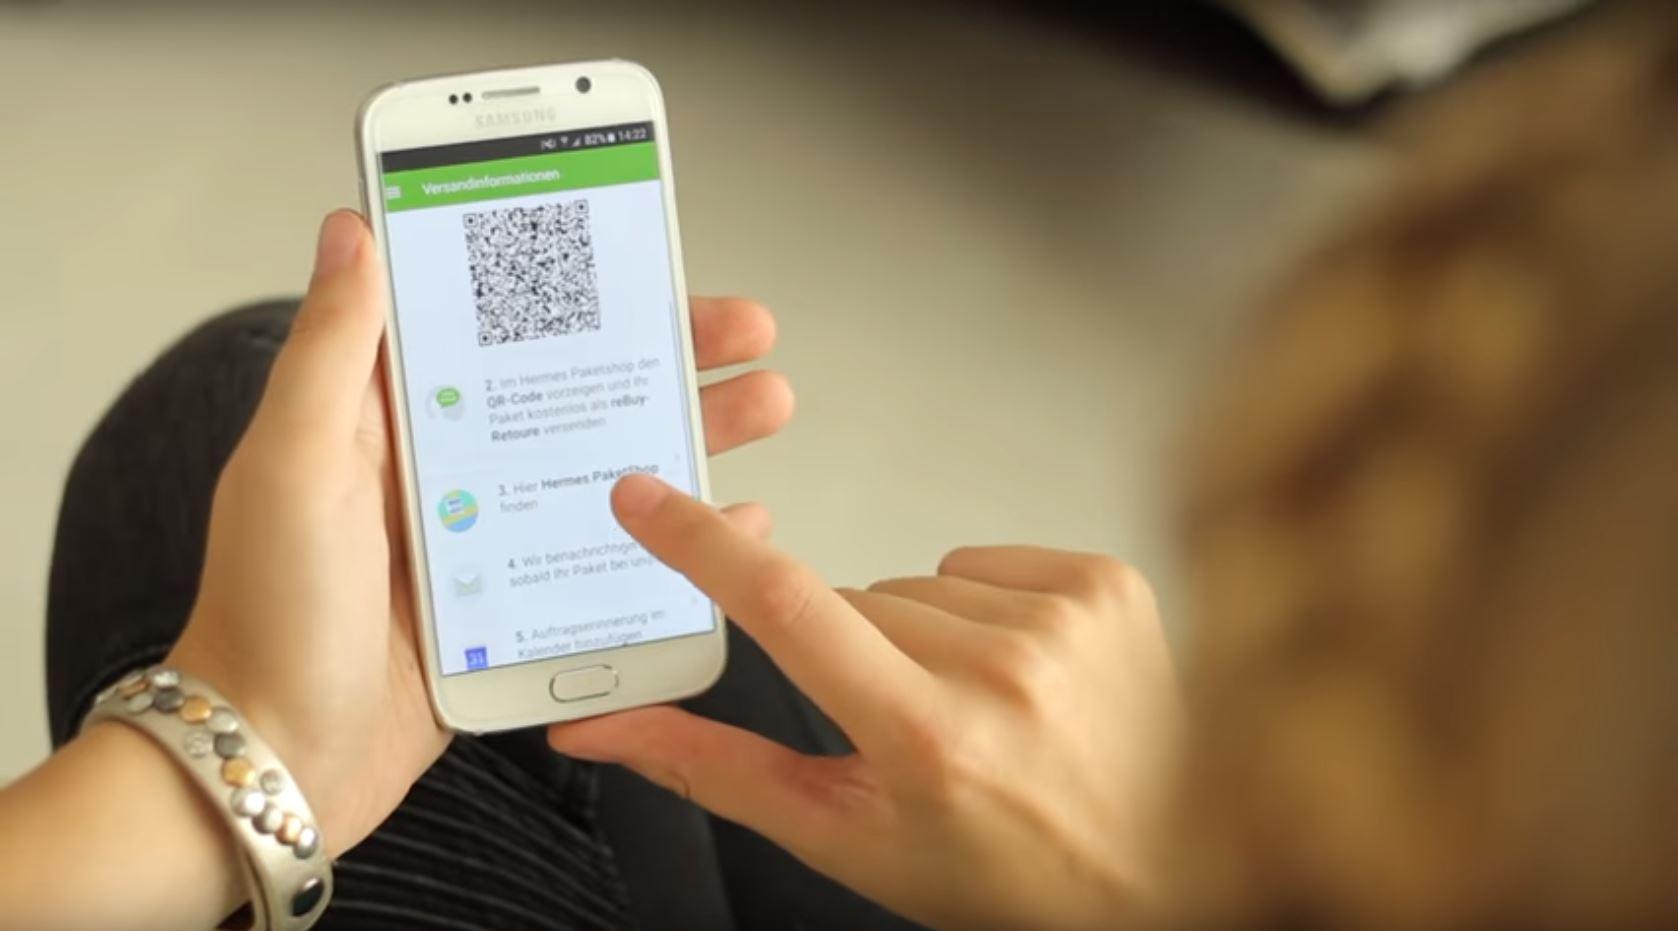 Mobiler Retourenschein Rücksendungen Per Smartphone